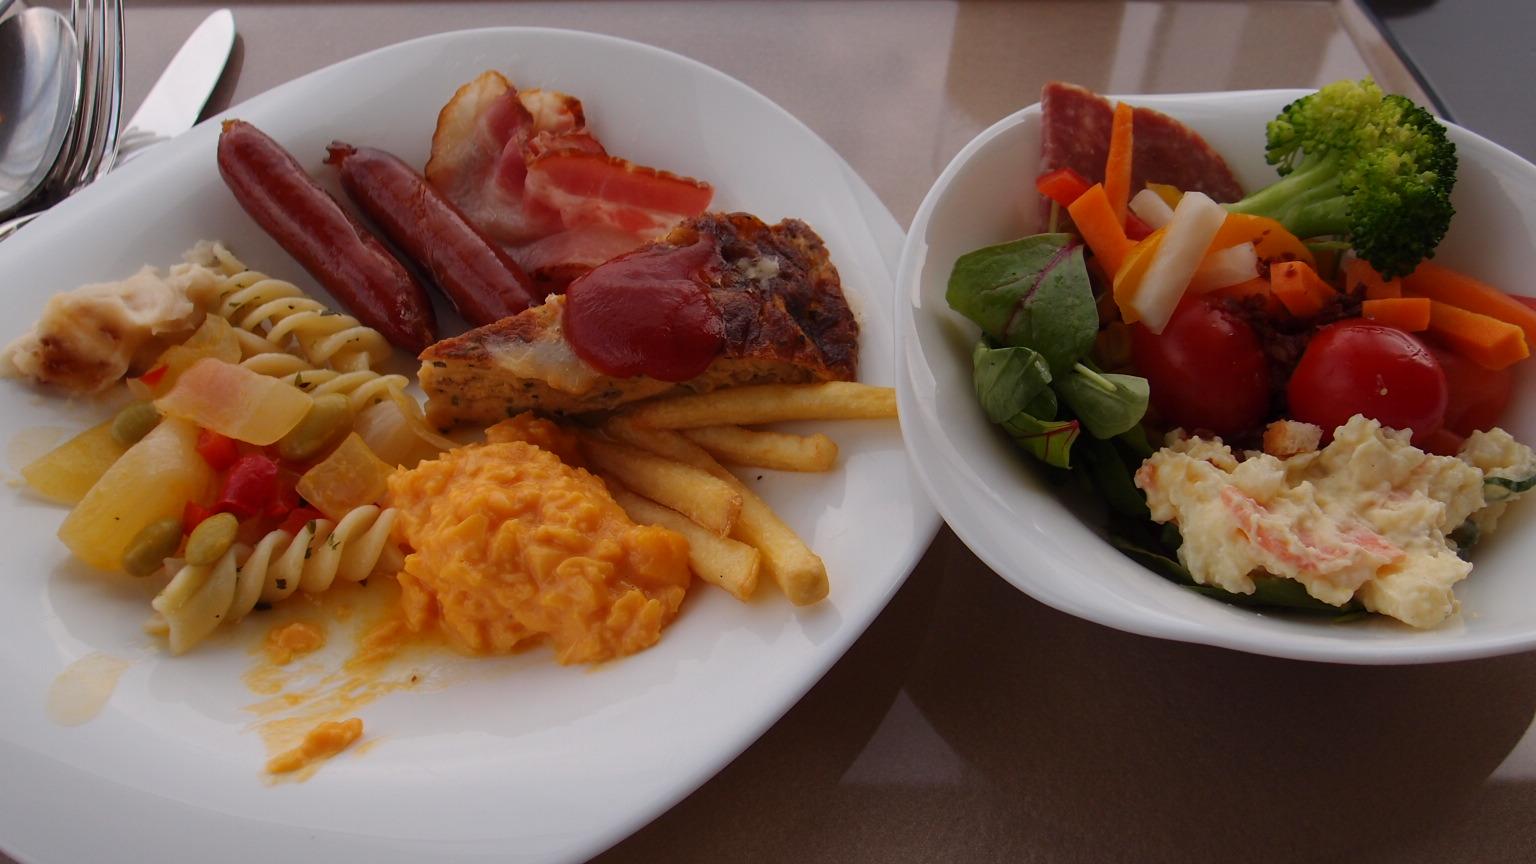 丸の内 TENQOO@ホテルメトロポリタン 朝食バイキング